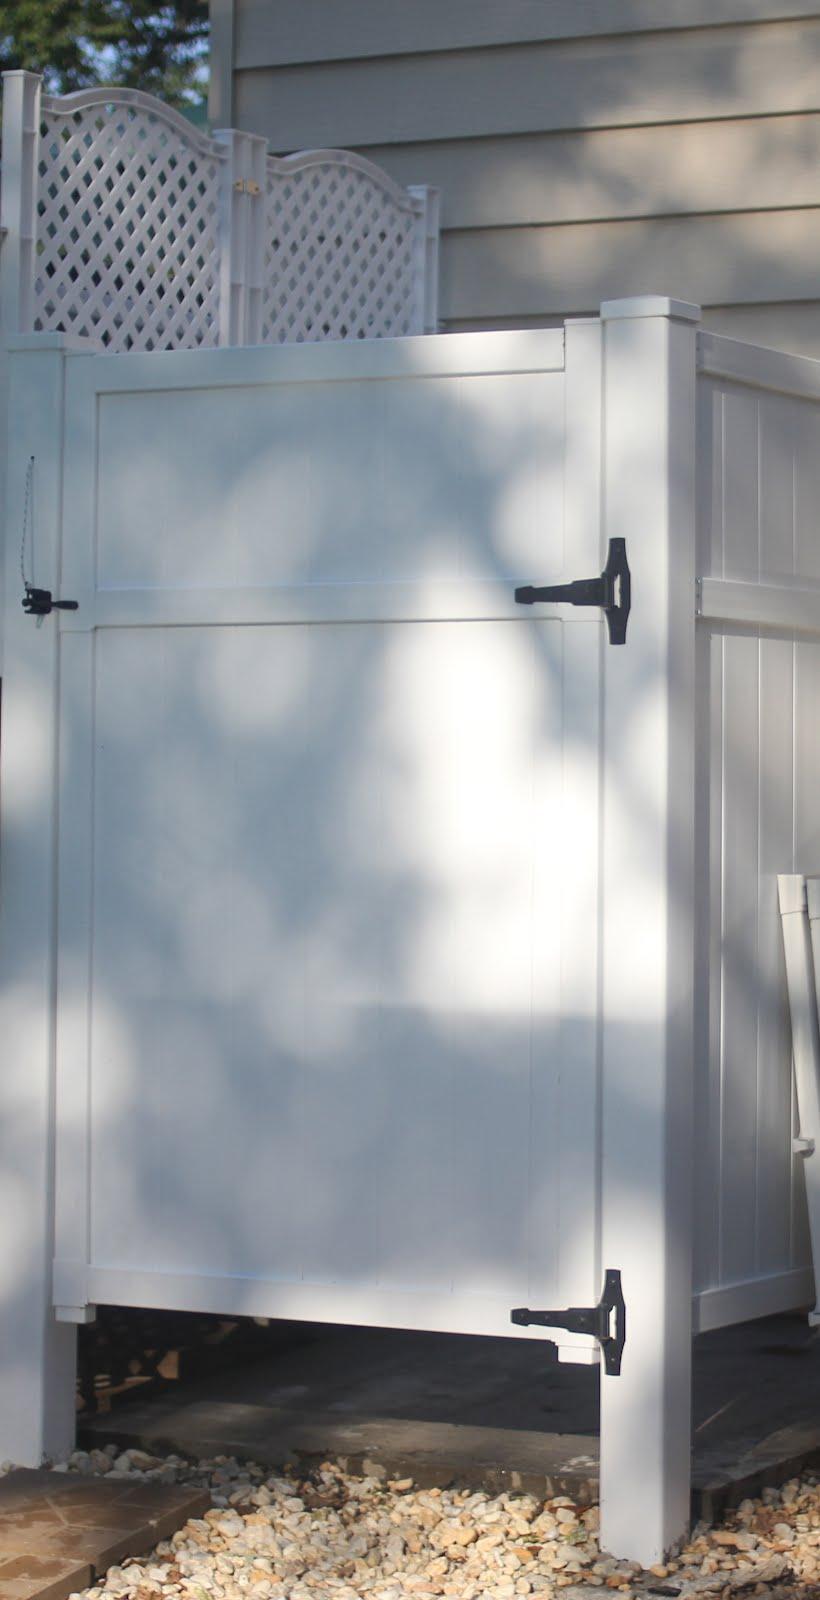 golden boys and me outdoor shower. Black Bedroom Furniture Sets. Home Design Ideas